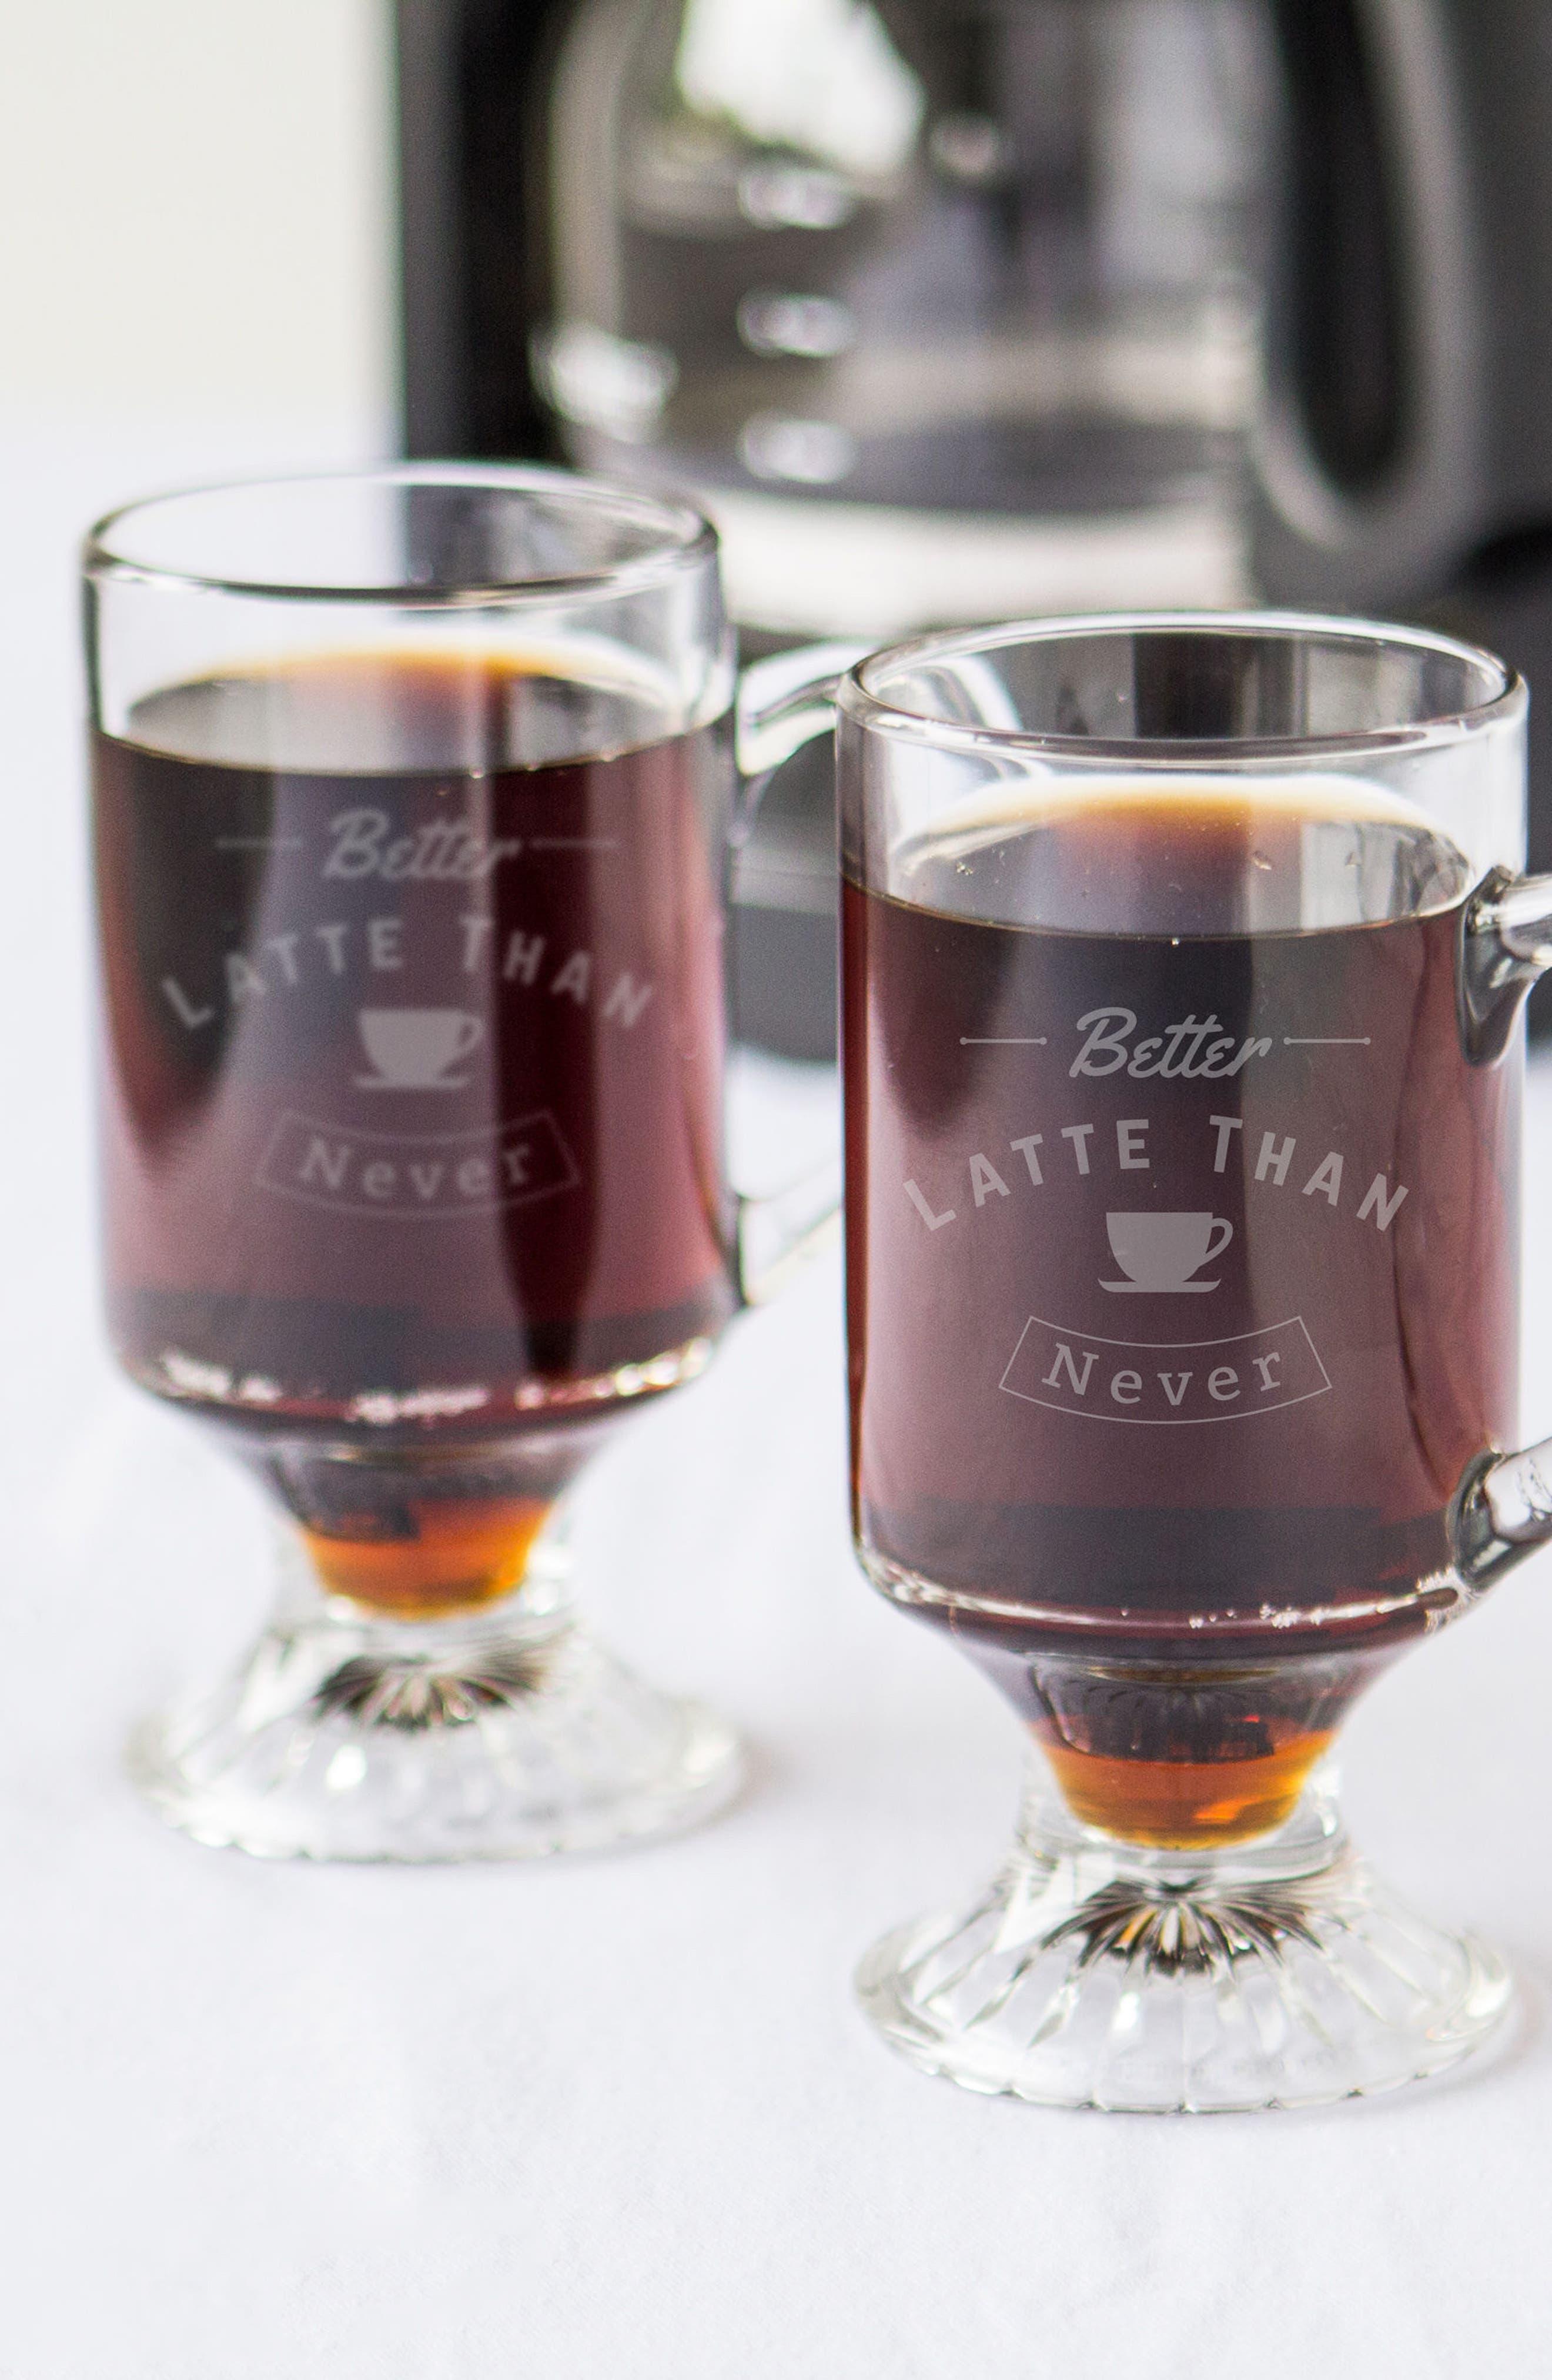 Better Latte Than Never Set of 4 Glass Mugs,                             Alternate thumbnail 4, color,